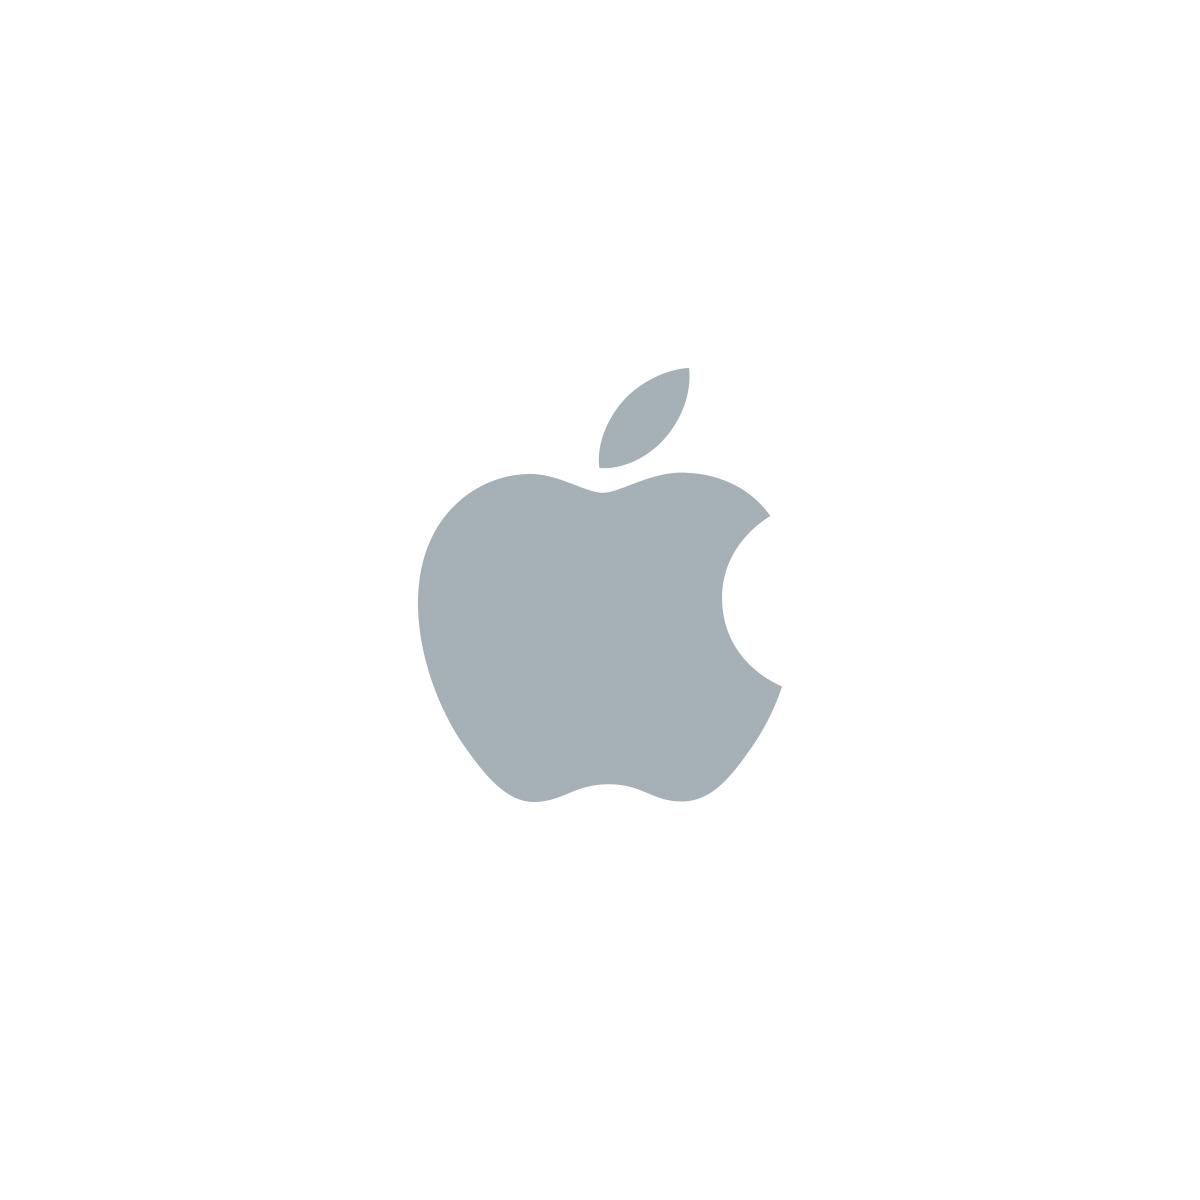 Customer Letter - Apple